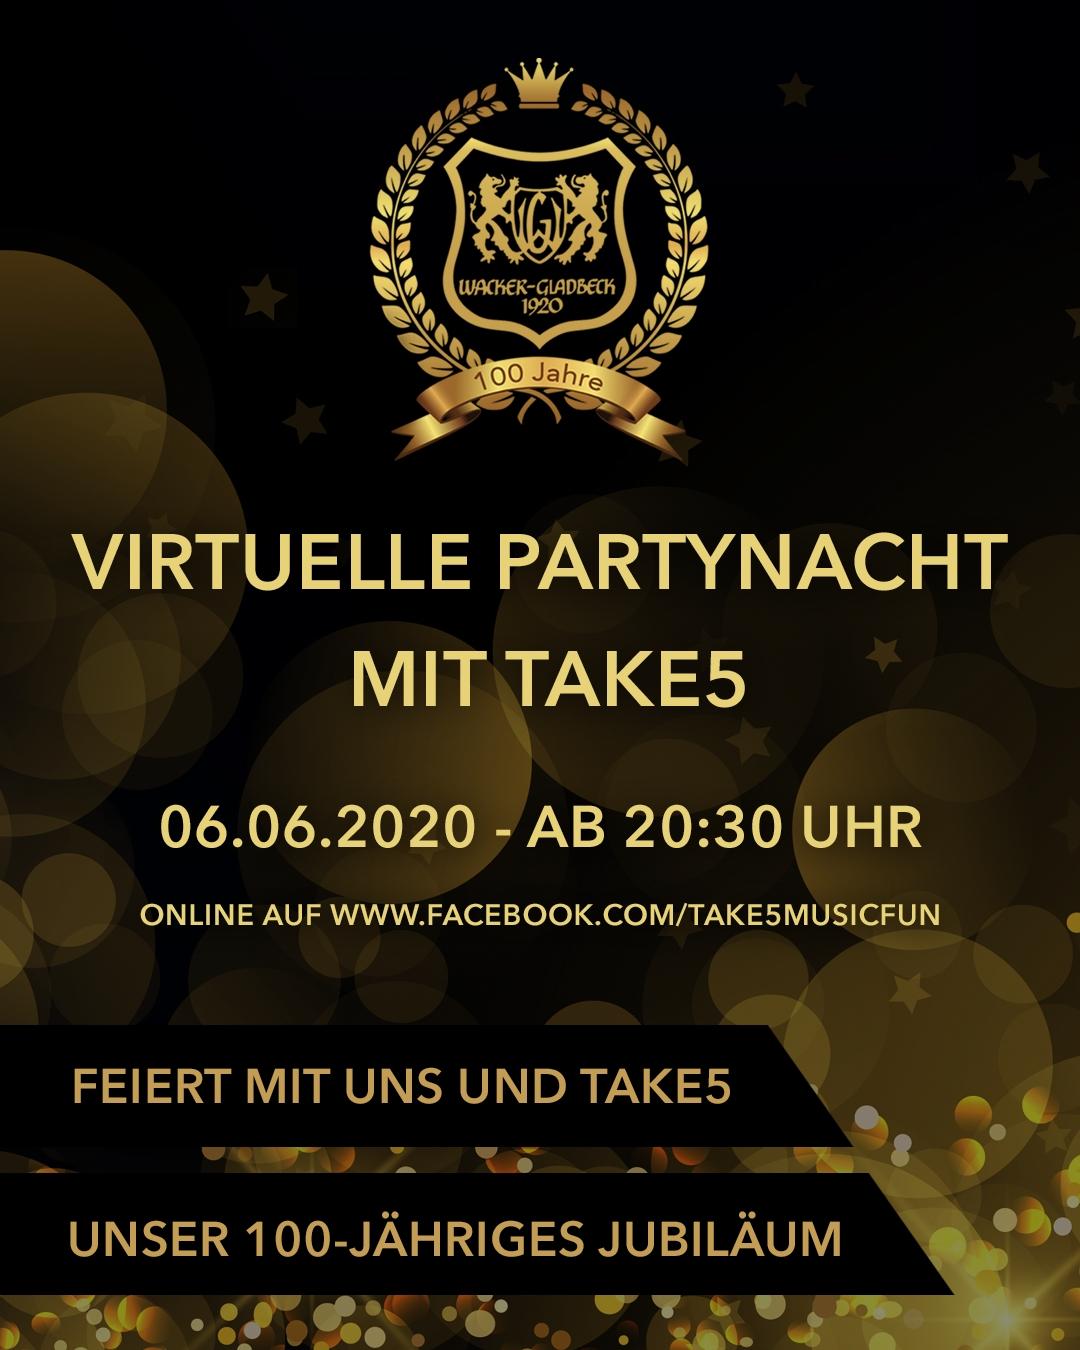 Wacker Gladbeck - Virtuelle Partynacht mit Take5 zum Vereinsjubiläum